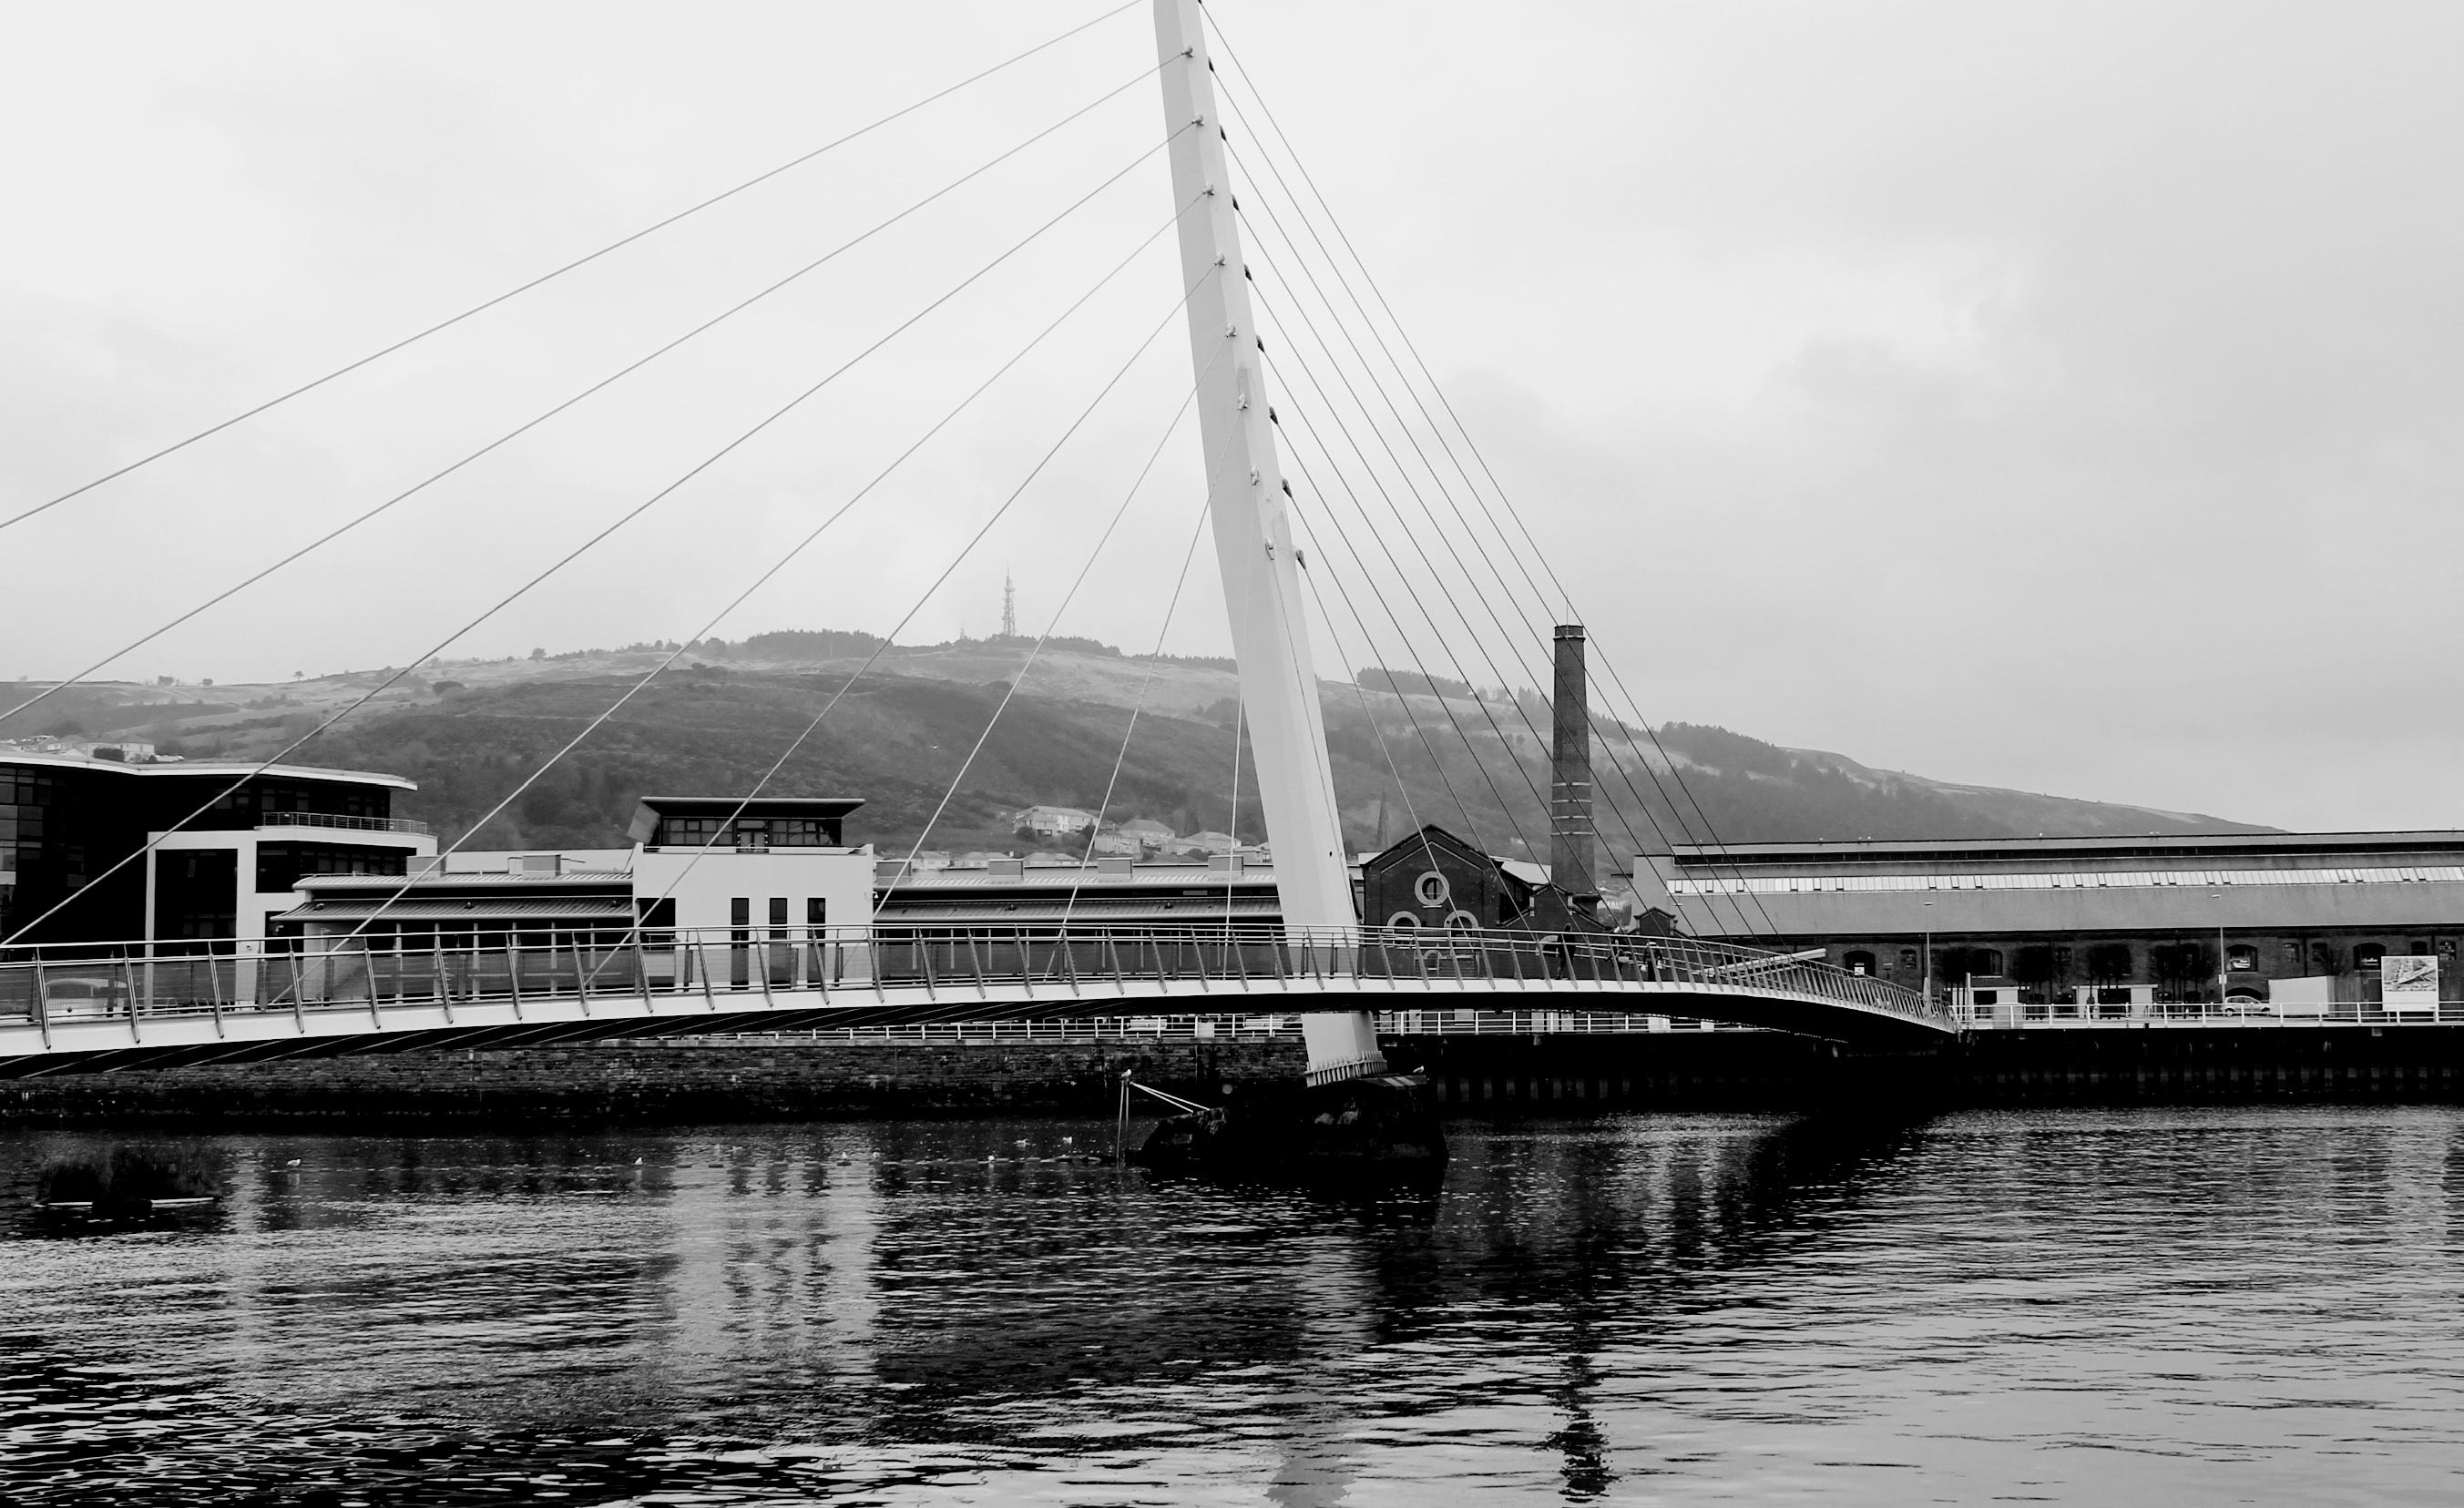 Fotos gratis : muelle, en blanco y negro, río, Paisaje urbano ...